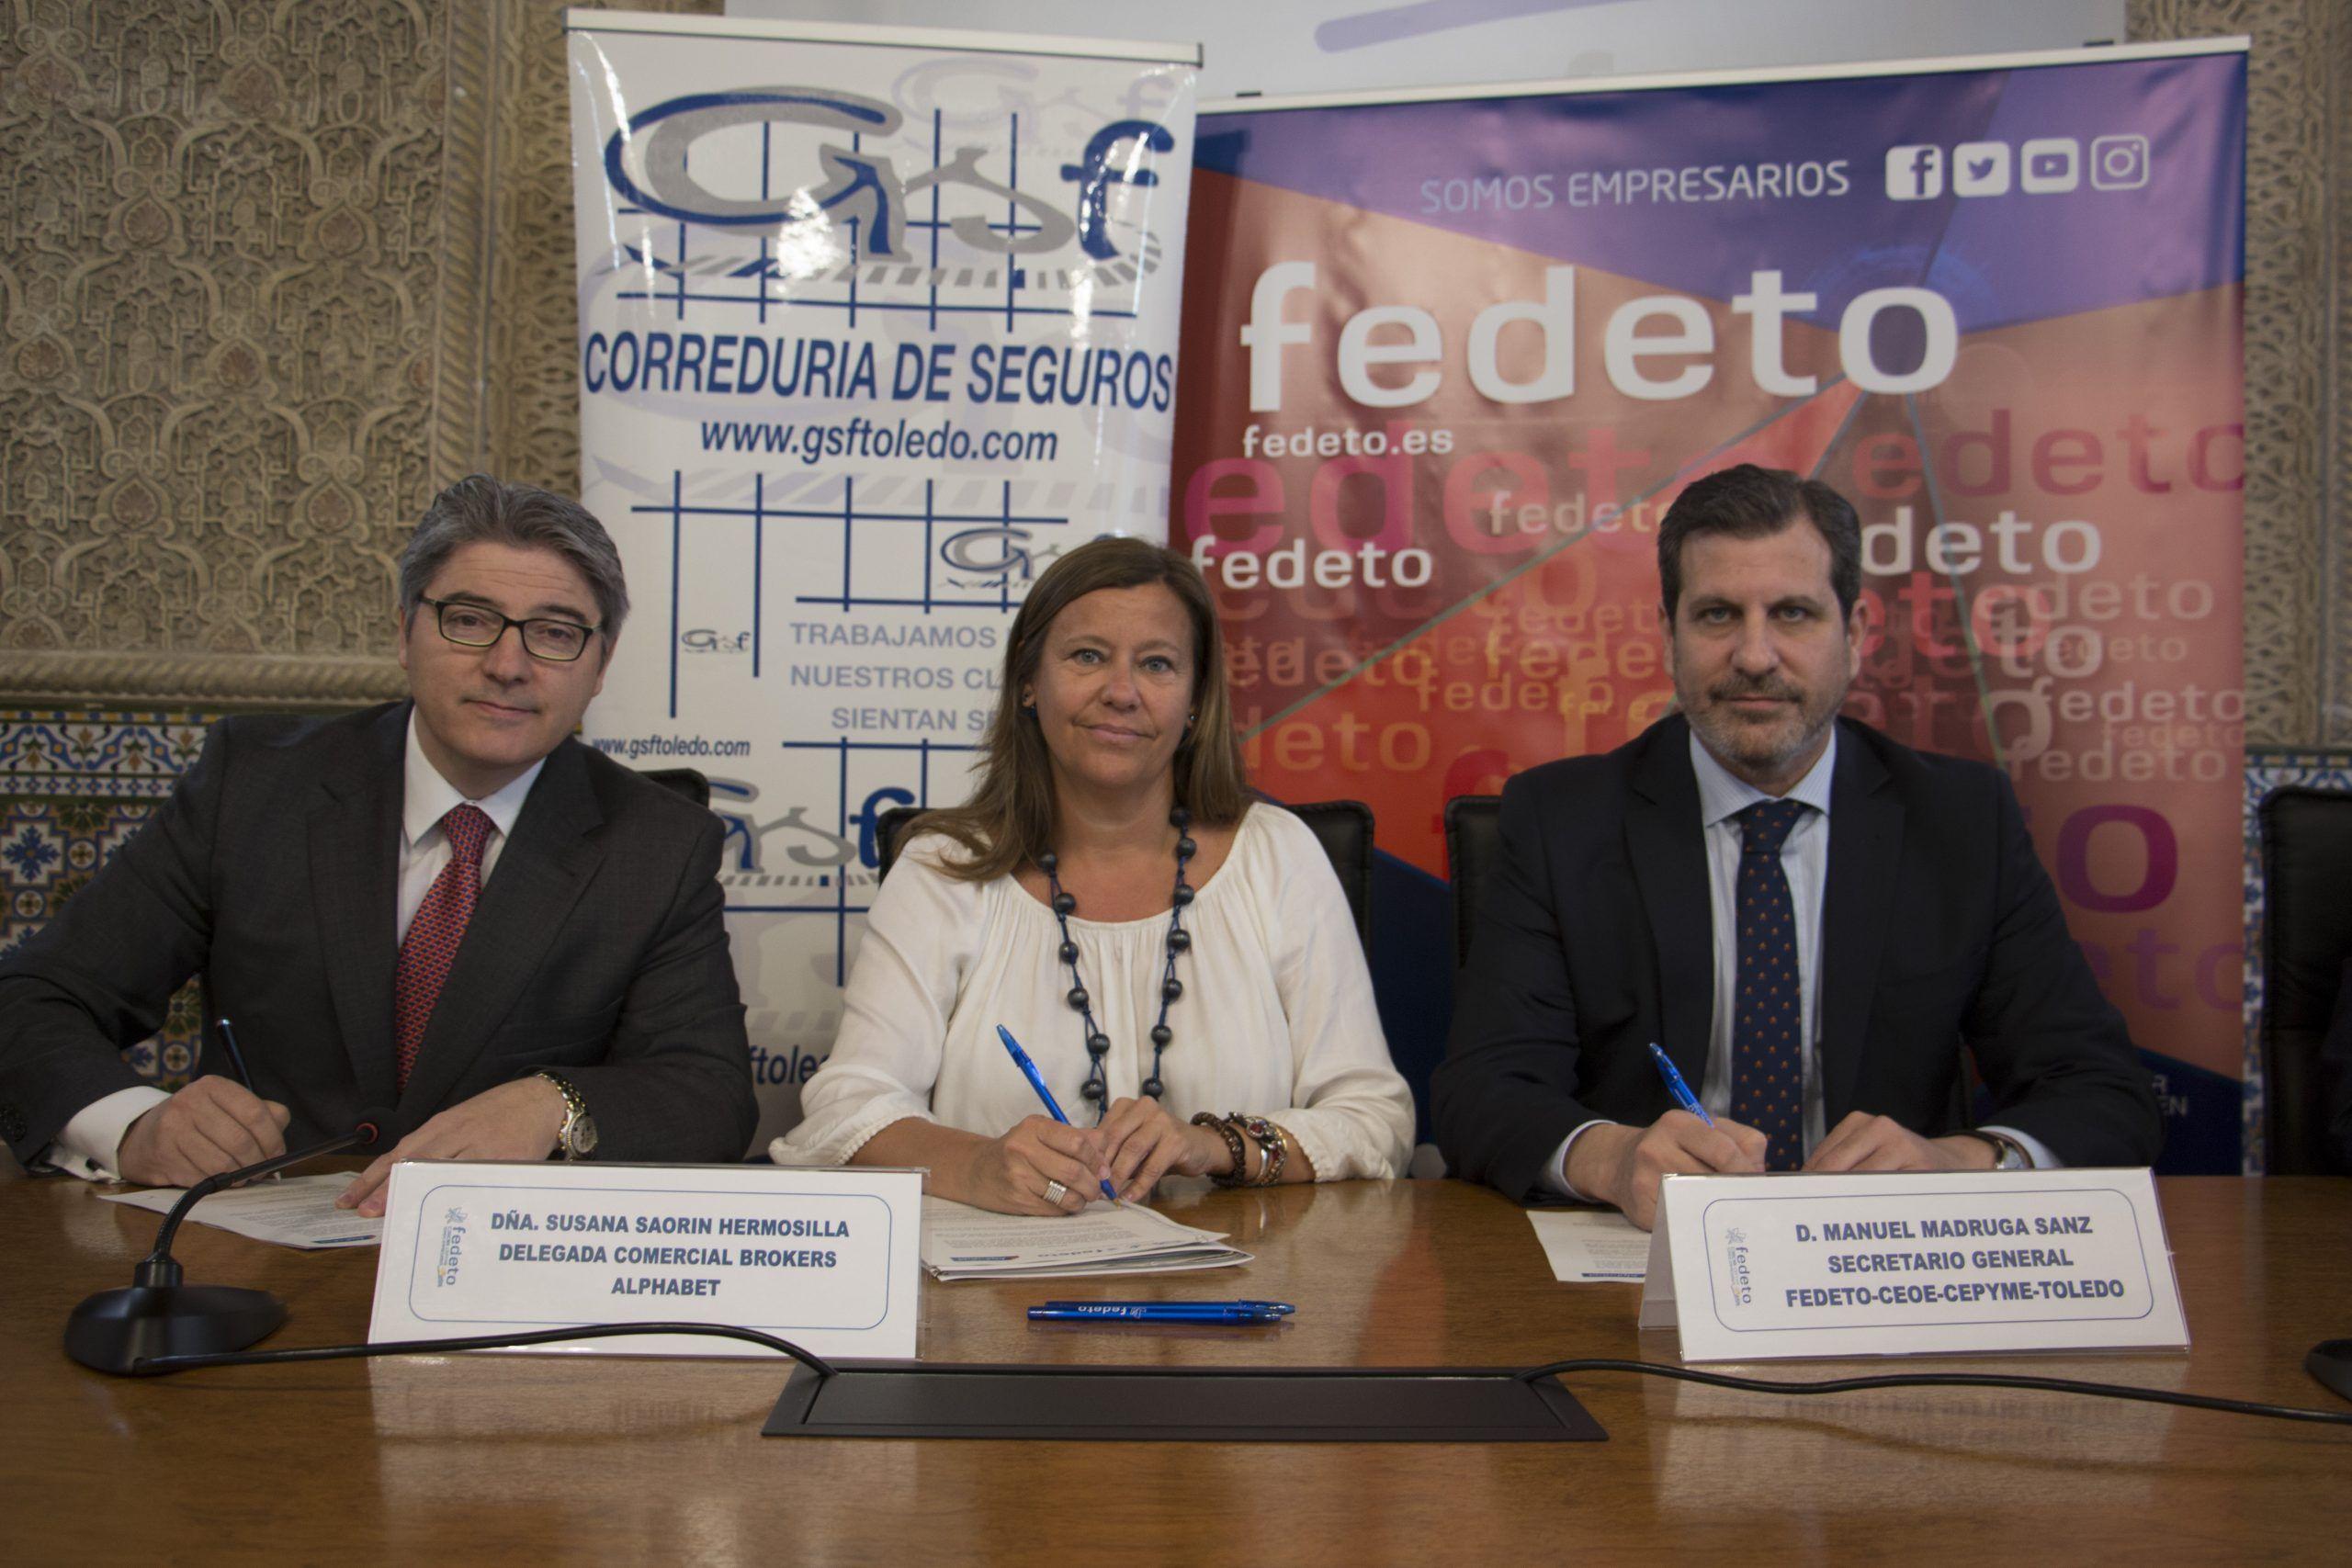 GSF BRÓKER Y FEDETO RENUEVAN EL ACUERDO CON ALPHABET SOBRE RENTING PARA PYMES Y AUTÓNOMOS